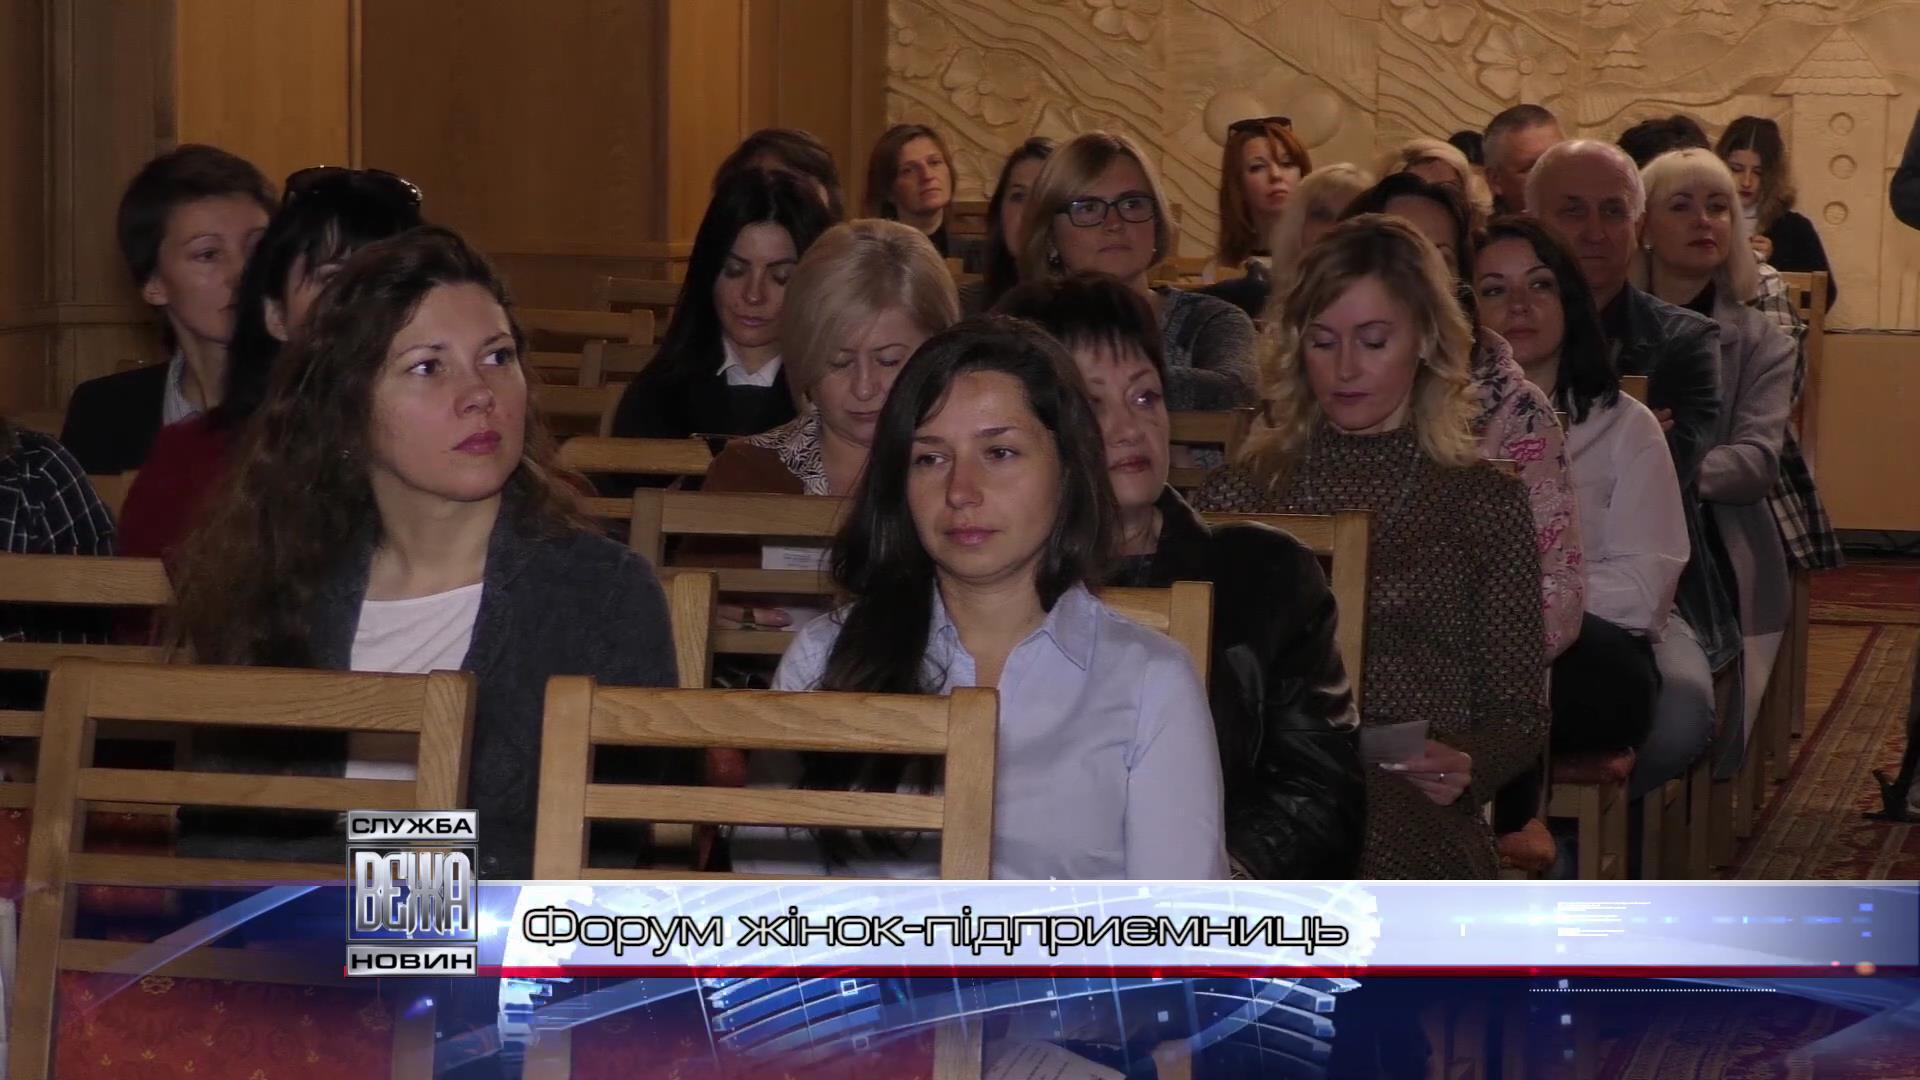 Івано-франківські бізнес-леді зустрілися на форумі для жінок-підприємниць[18-48-27]